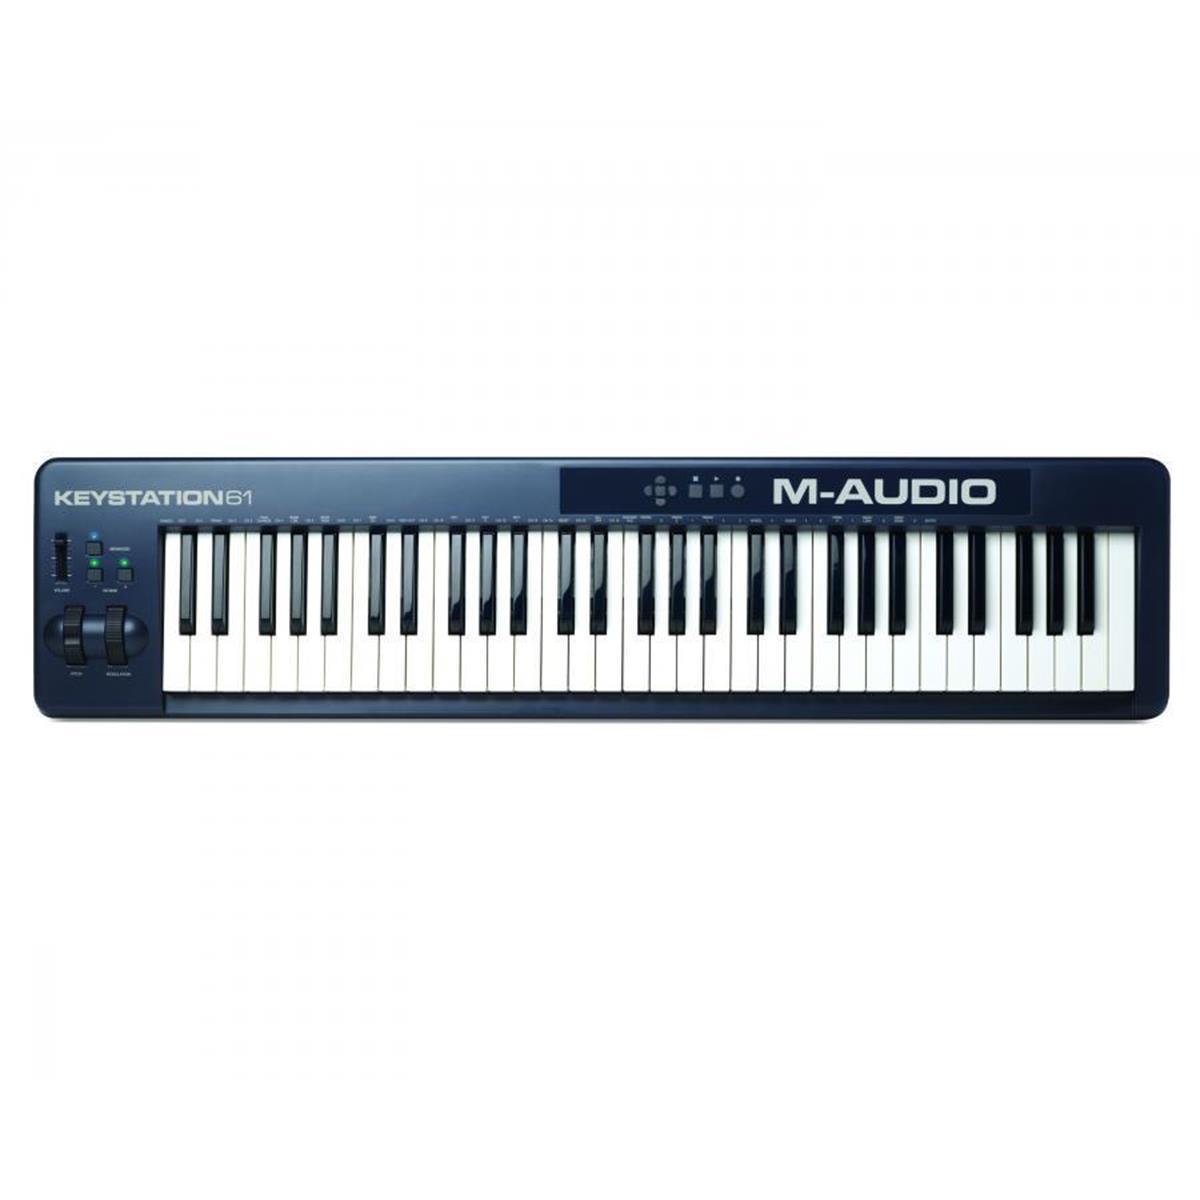 M-AUDIO KEYSTATION 61 2ND GEN NUOVO MODELLO